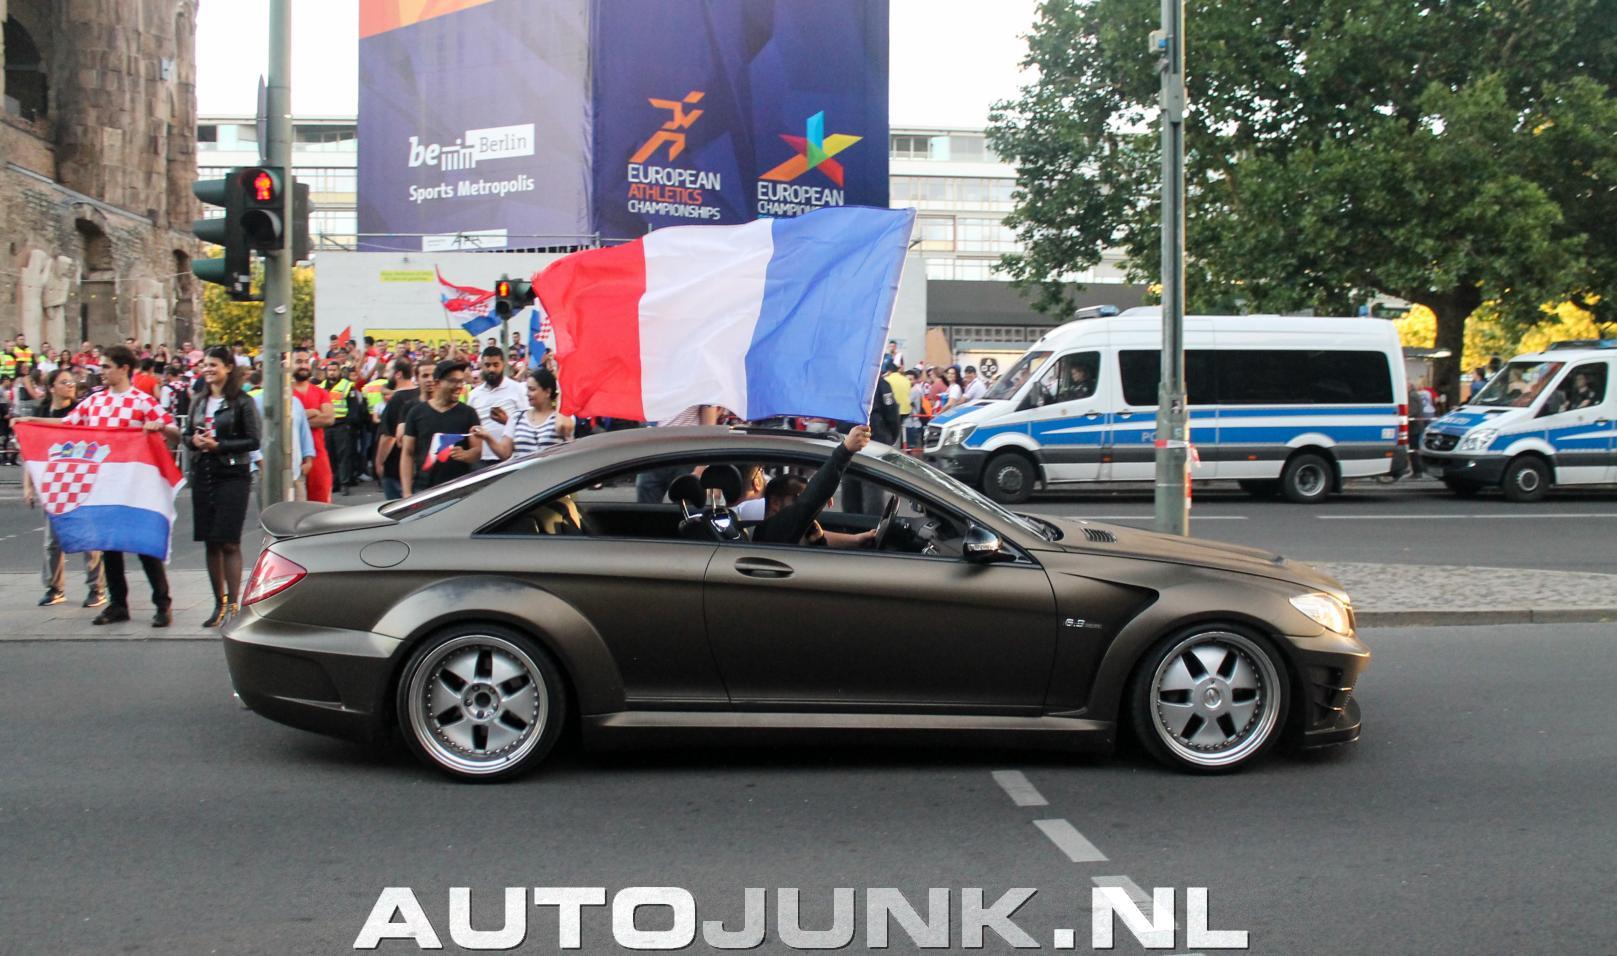 Duitsfranse Cl 63 Fotos Autojunknl 226359